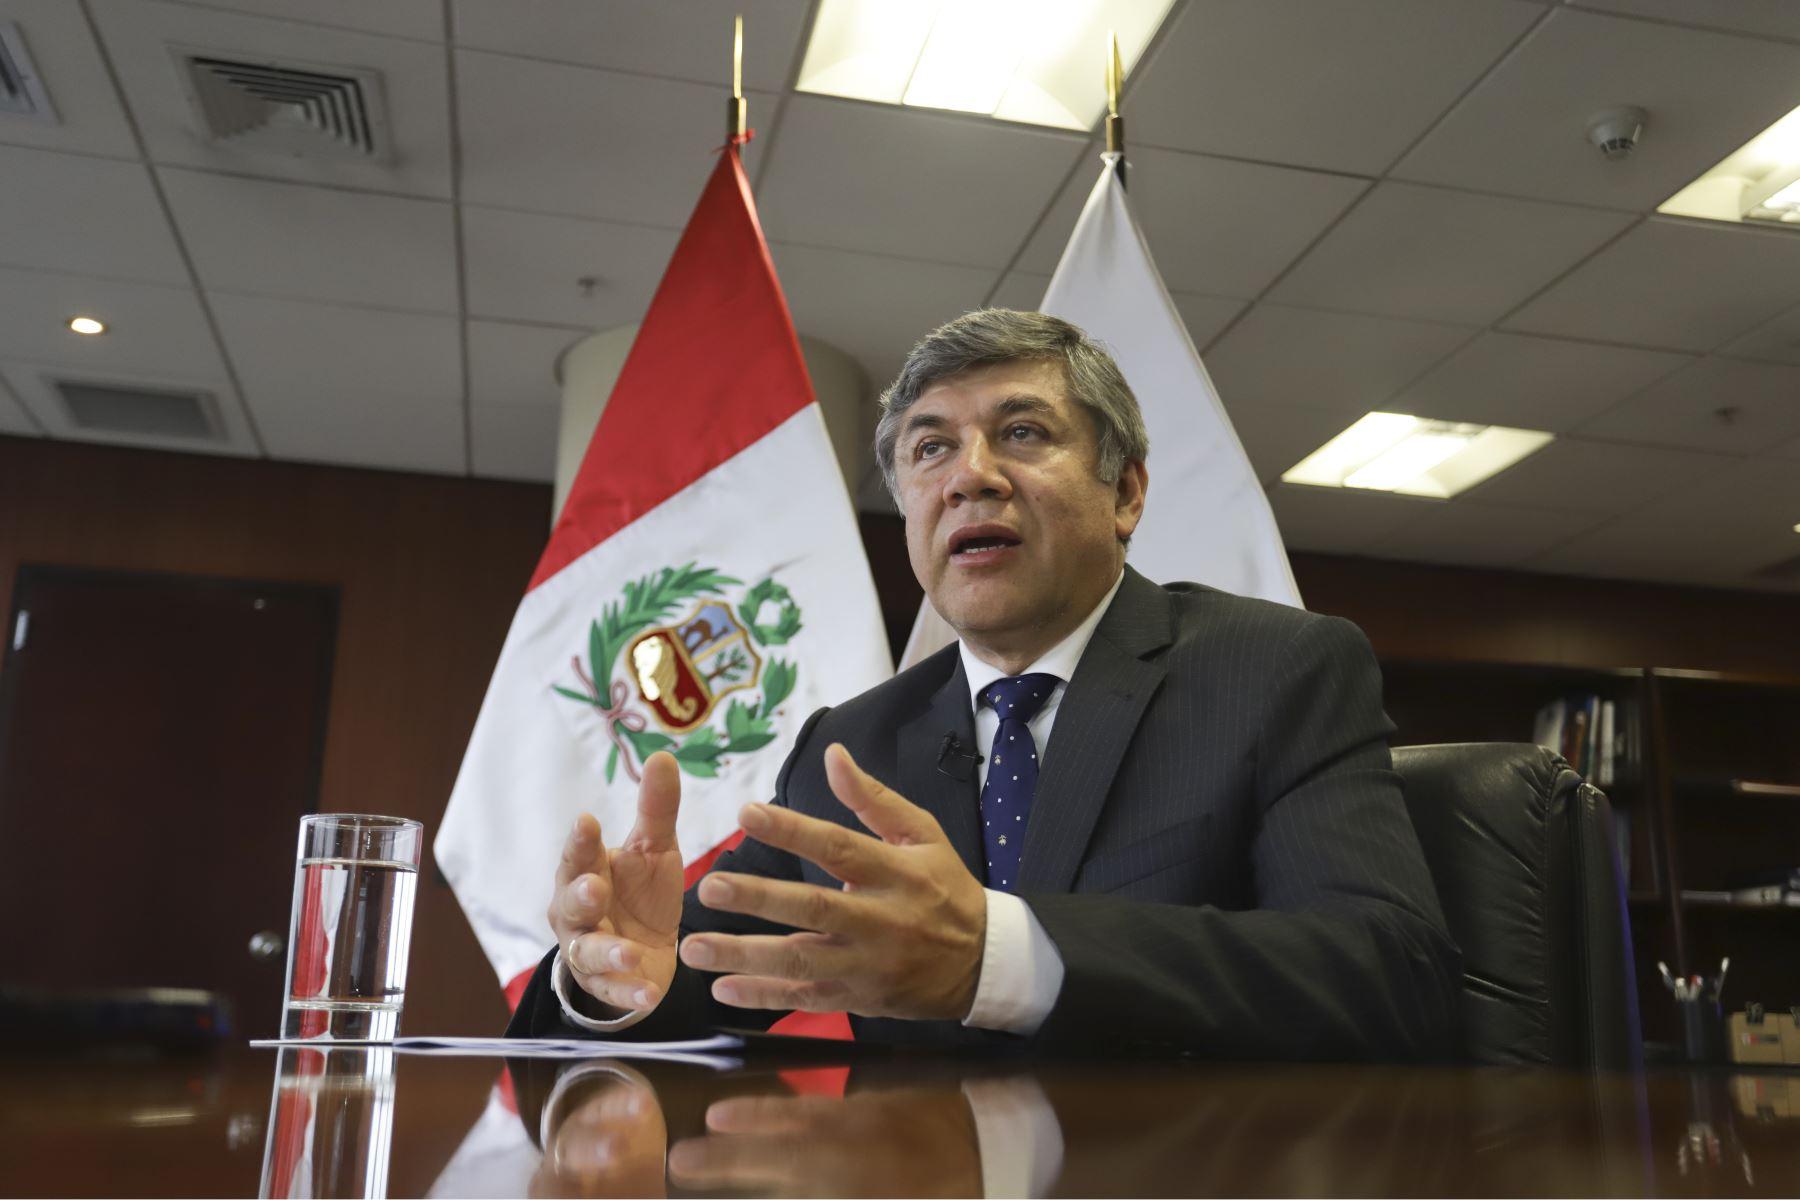 Ministro de Vivienda, Construcción y Saneamiento, Miguel Estrada. Foto: ANDINA/Jorge Tello.